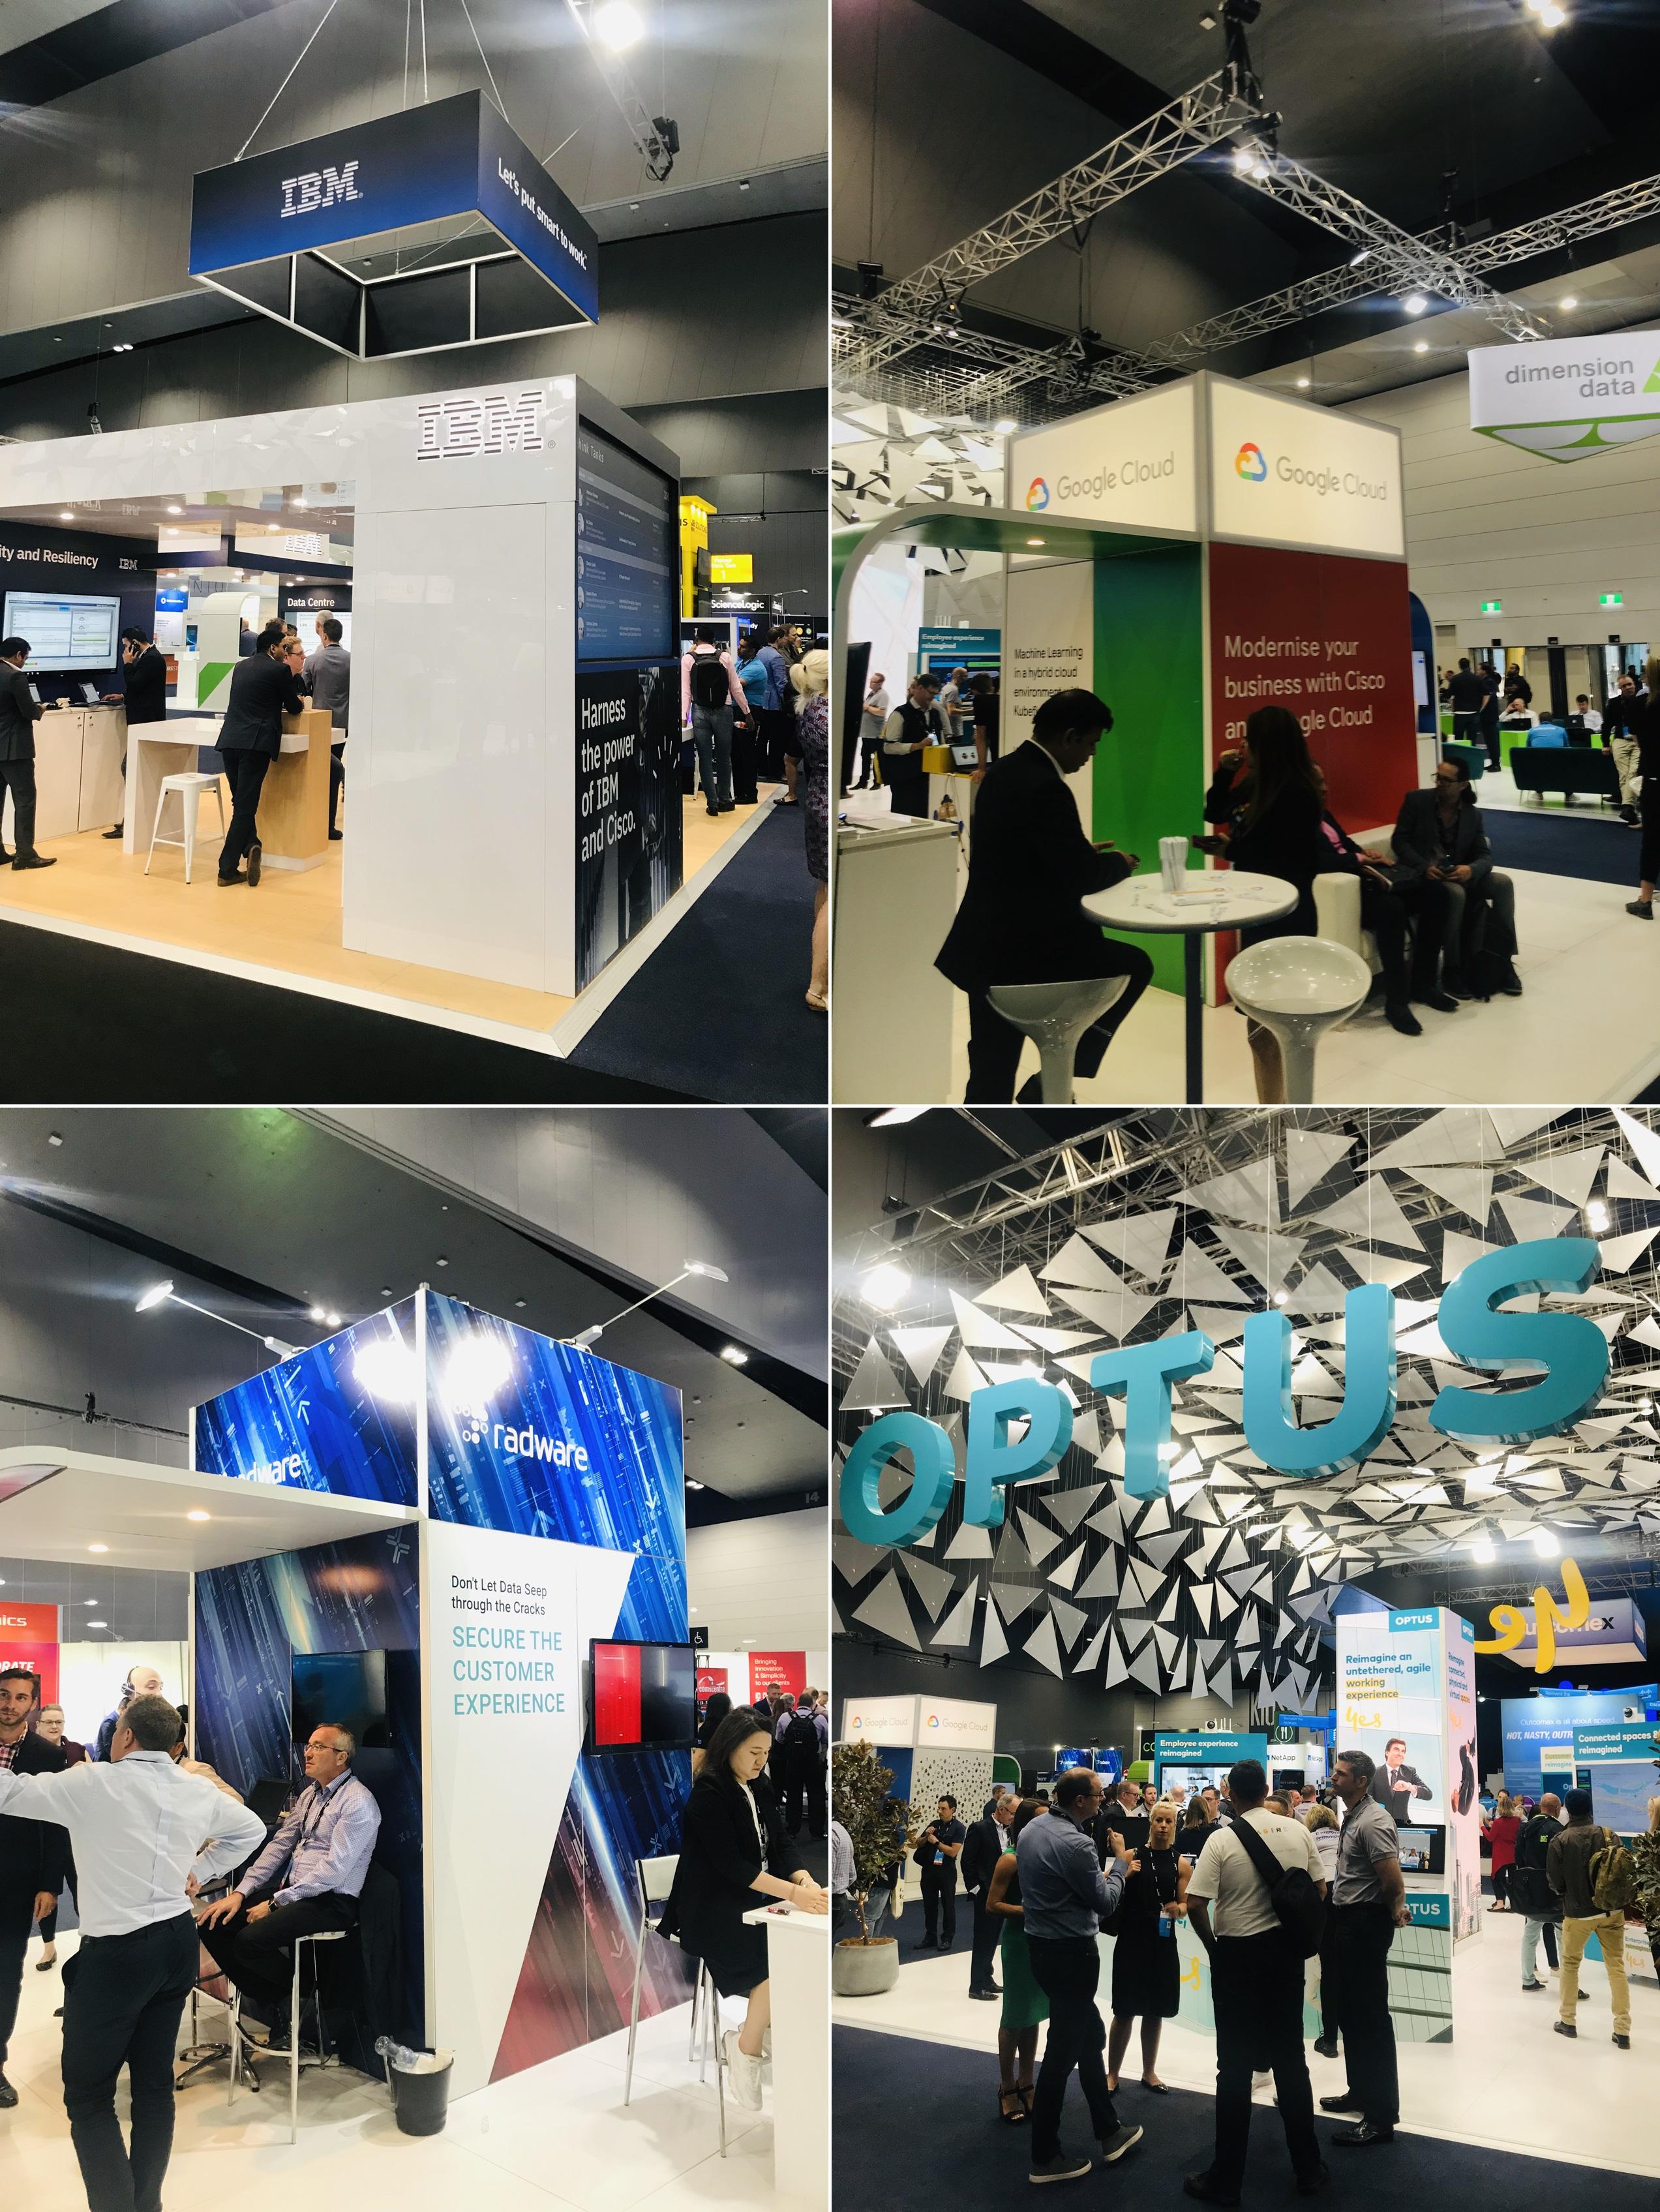 (시계방향으로) Cisco Live 참가한 IBM, Cisco Live 참가한 Google Cloud, Cisco Live 참가한 Optus(호주 통신회사), Cisco Live 참가한 Radware